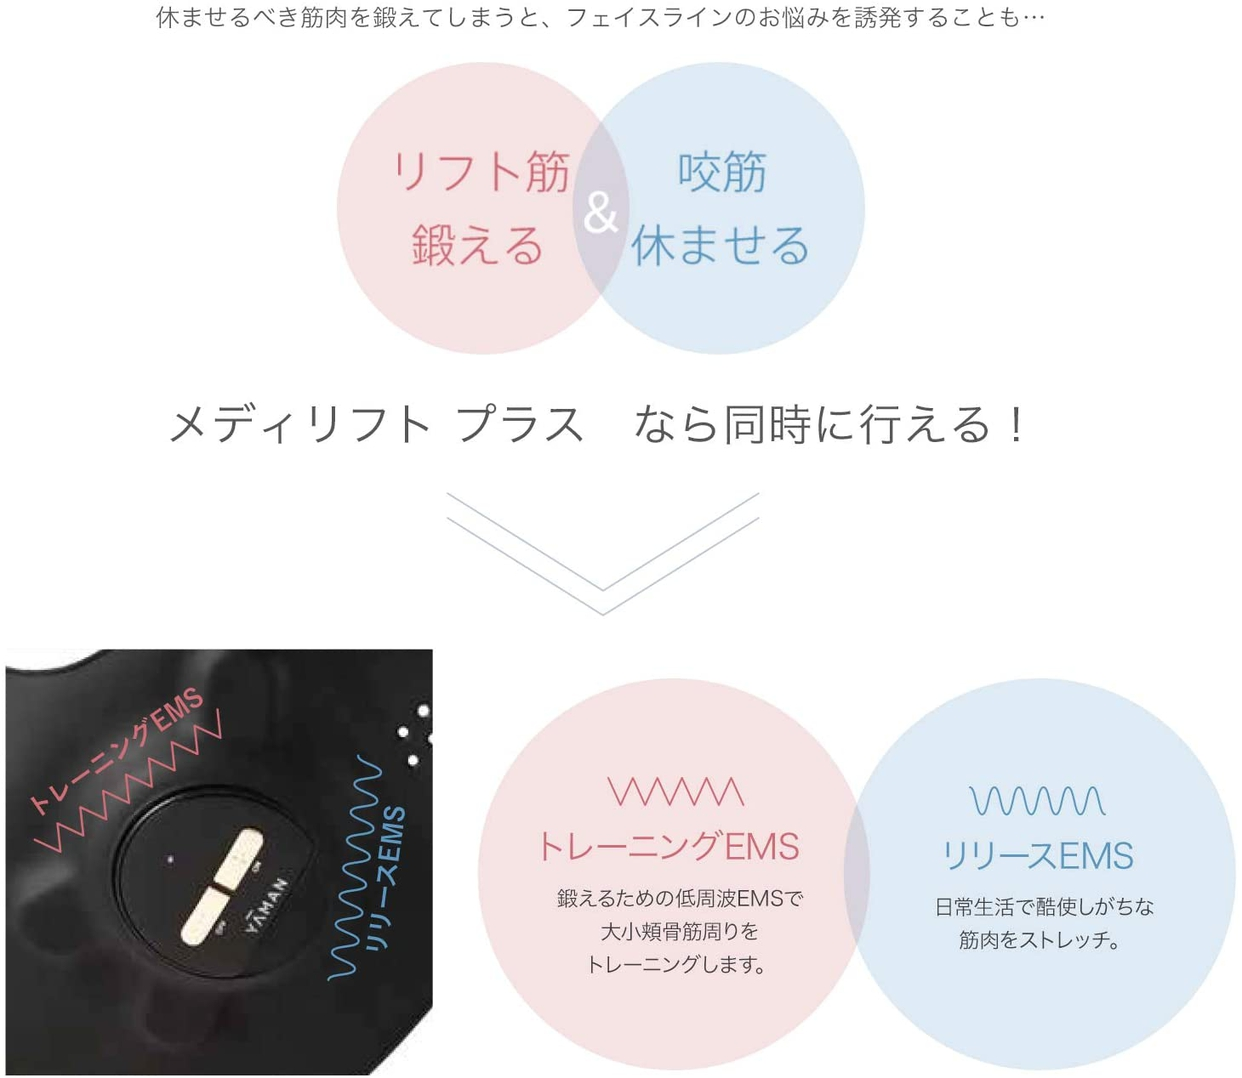 YA-MAN(ヤーマン) メディリフト プラスの商品画像4